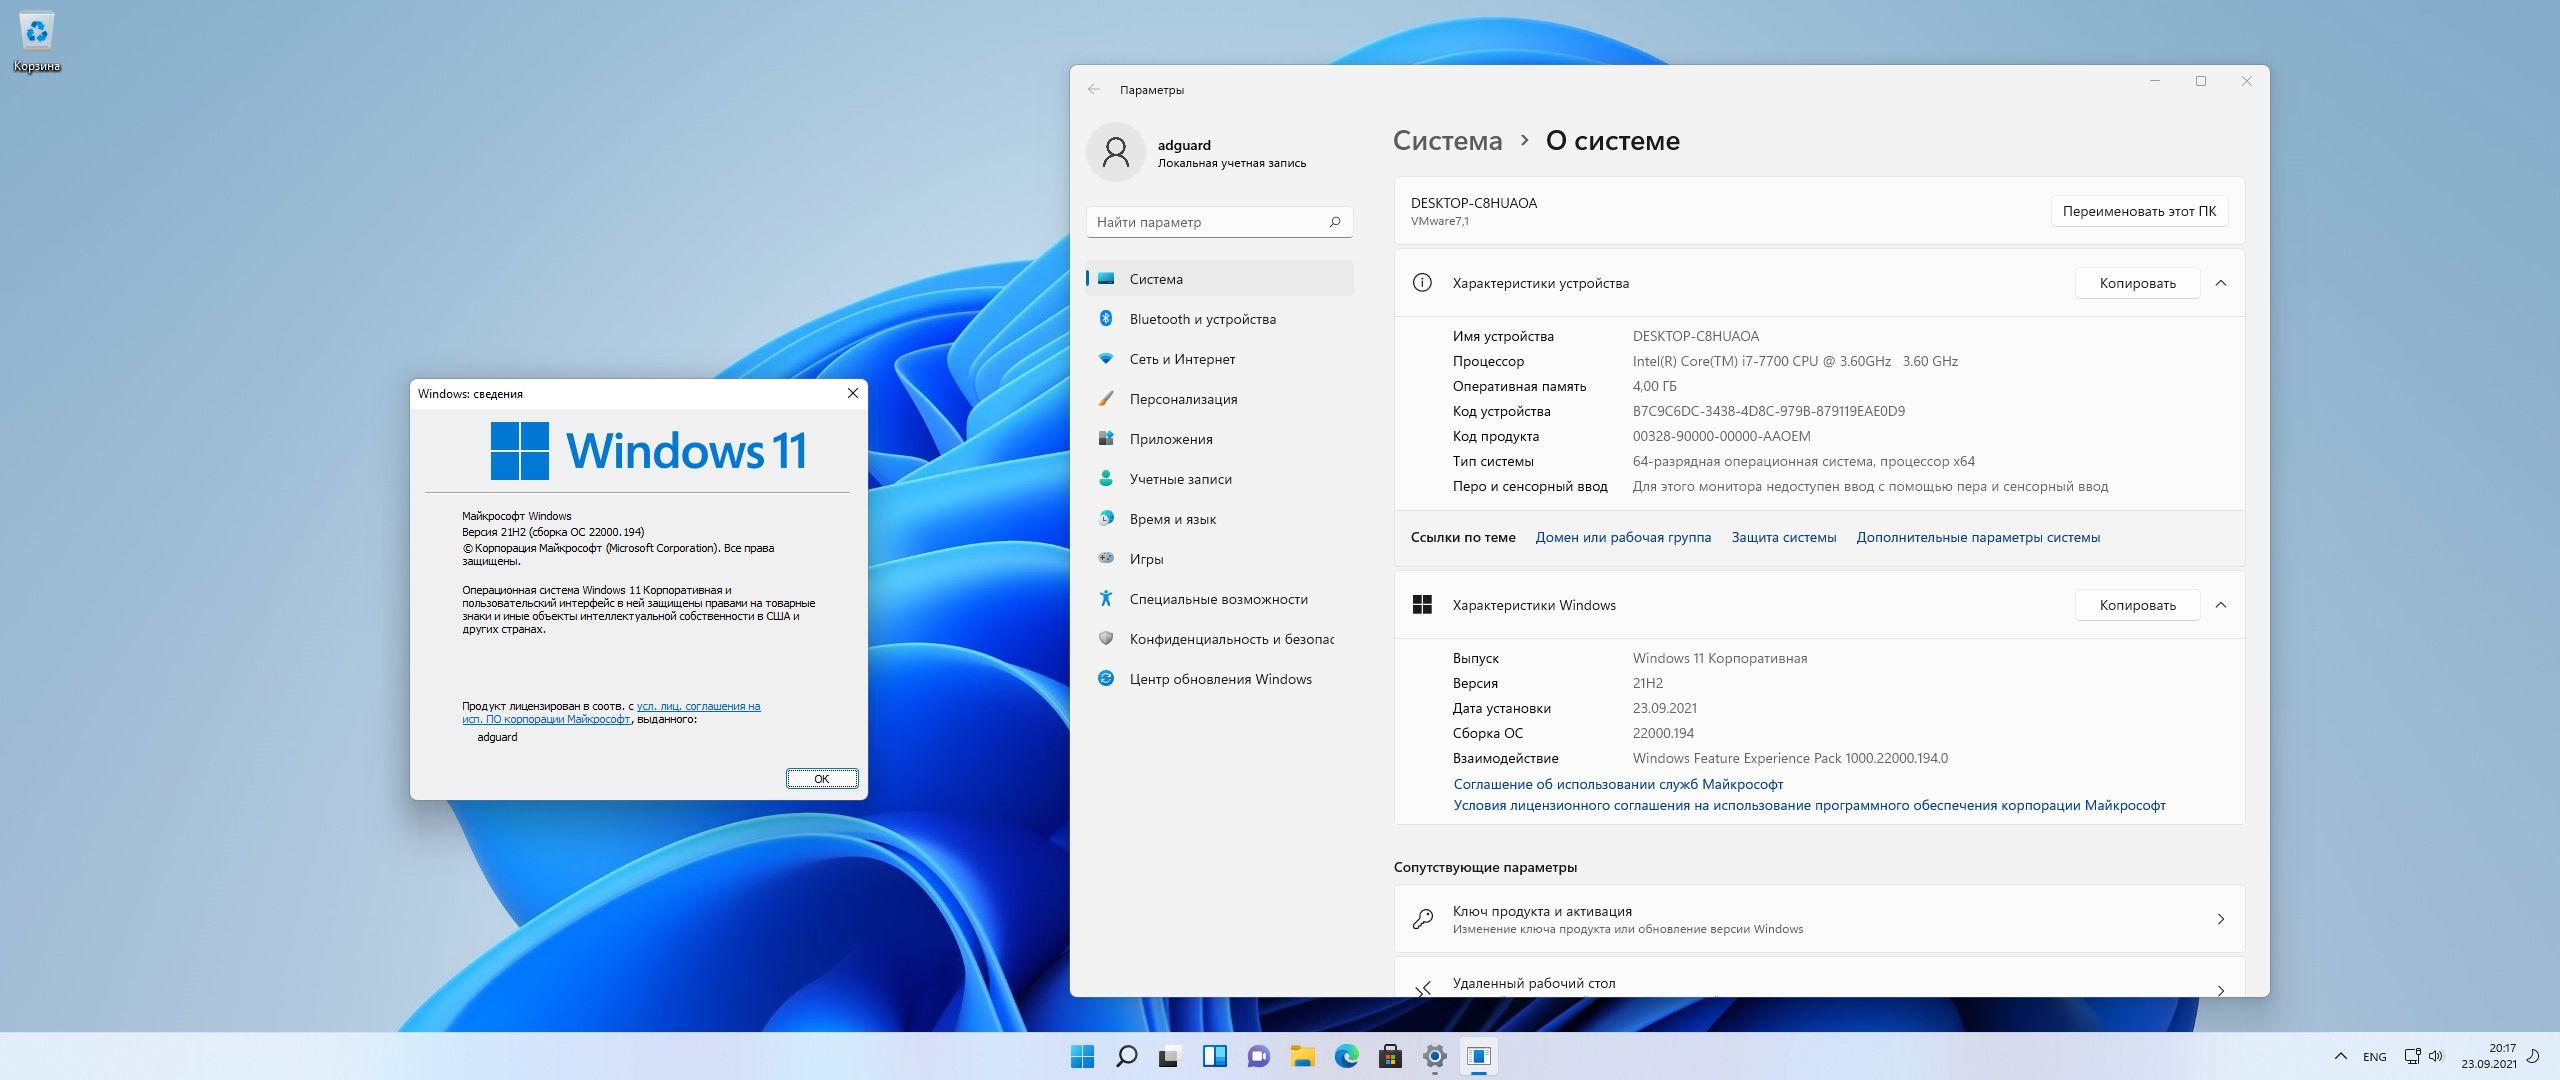 Windows 11 Insider Preview Version 21H2 [10.0.22000.194] - Оригинальные образы от Microsoft